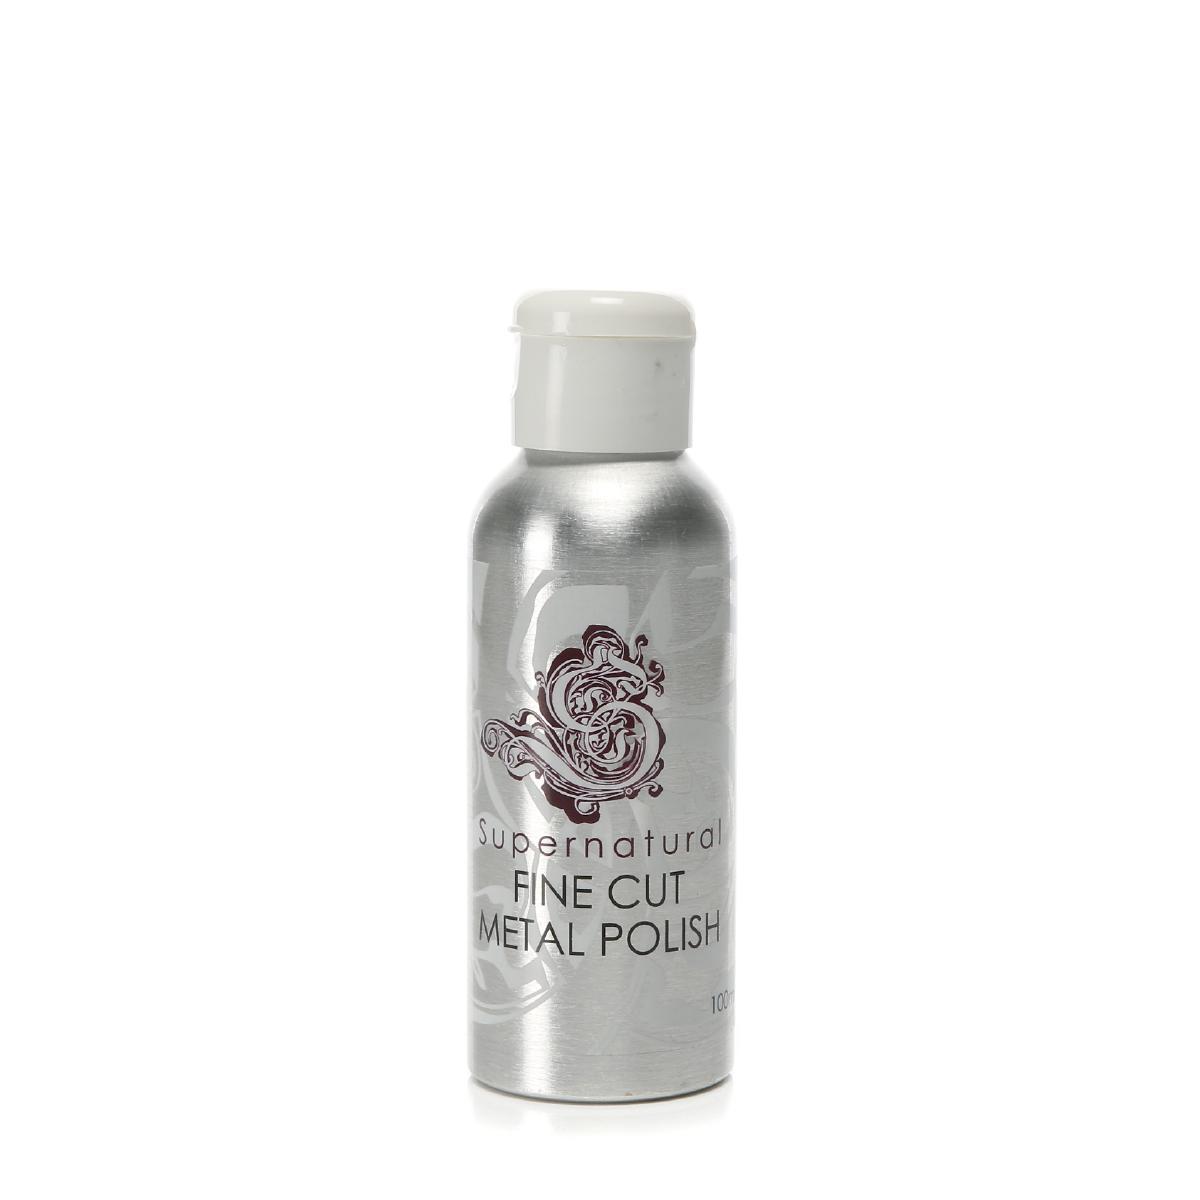 Metallpolermedel Dodo Juice Supernatural Fine Cut Metal Polish, 100 ml